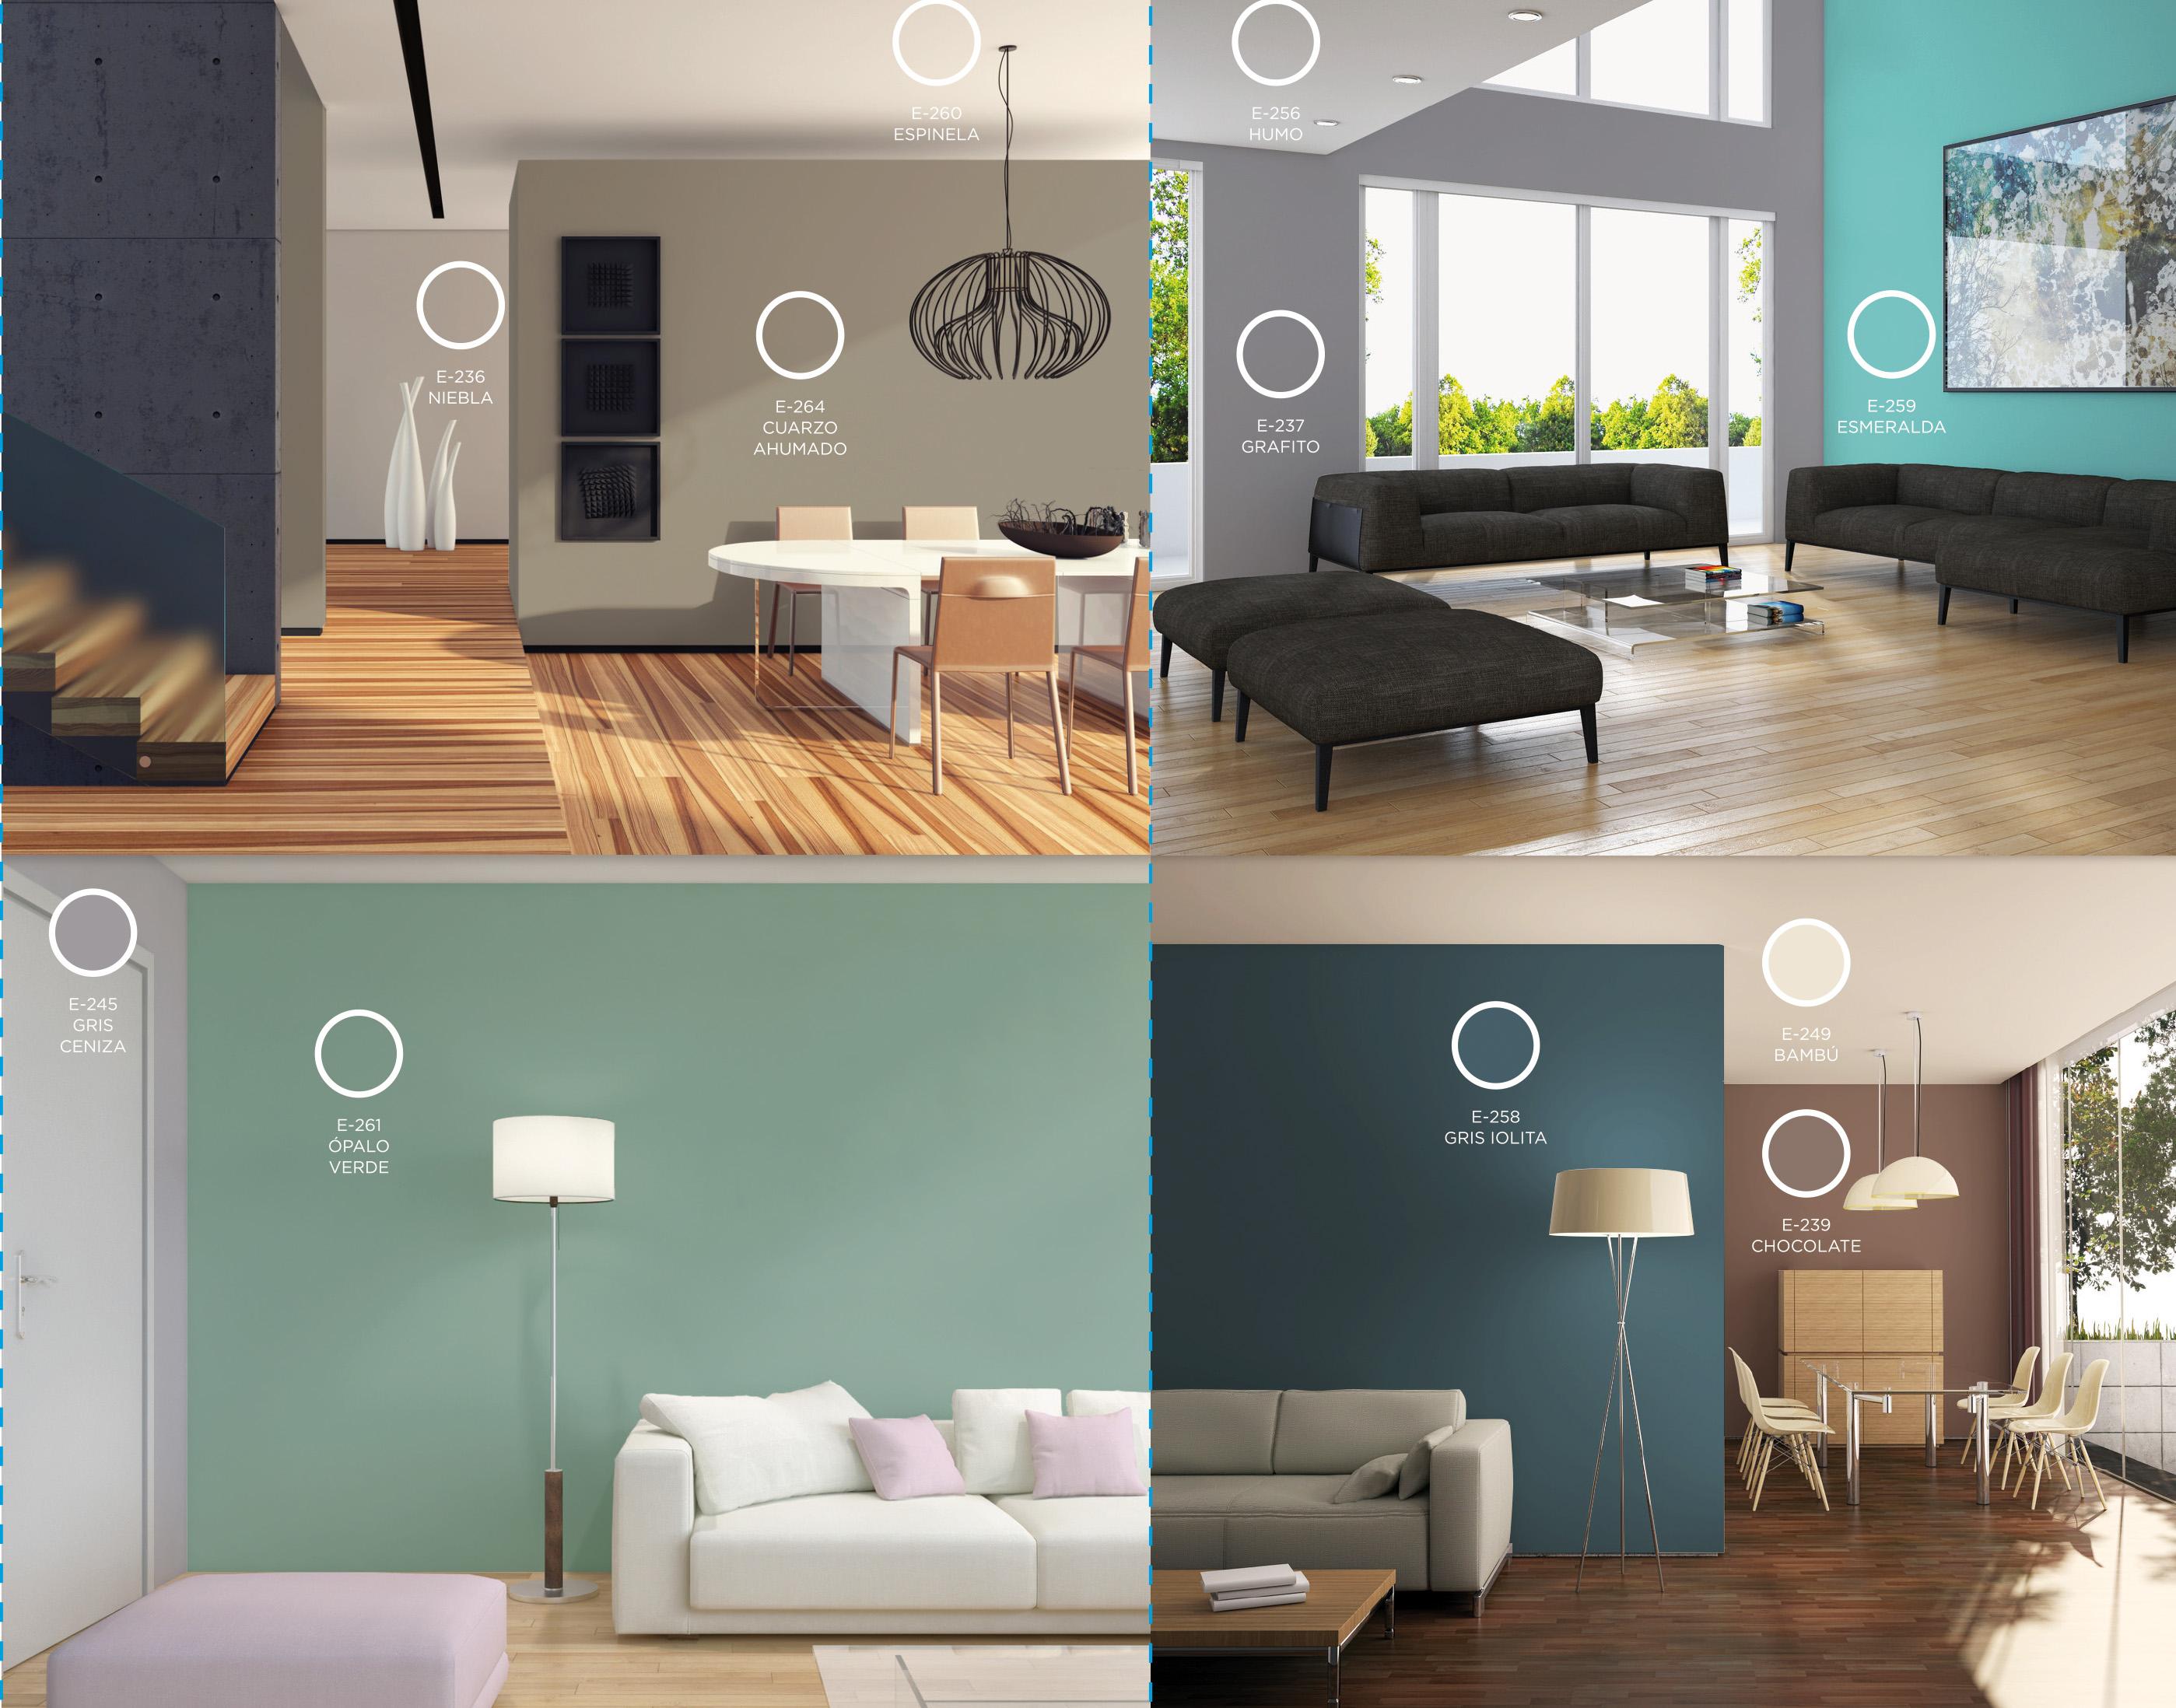 Paleta de colores grises para paredes finest azul for Paleta de colores grises